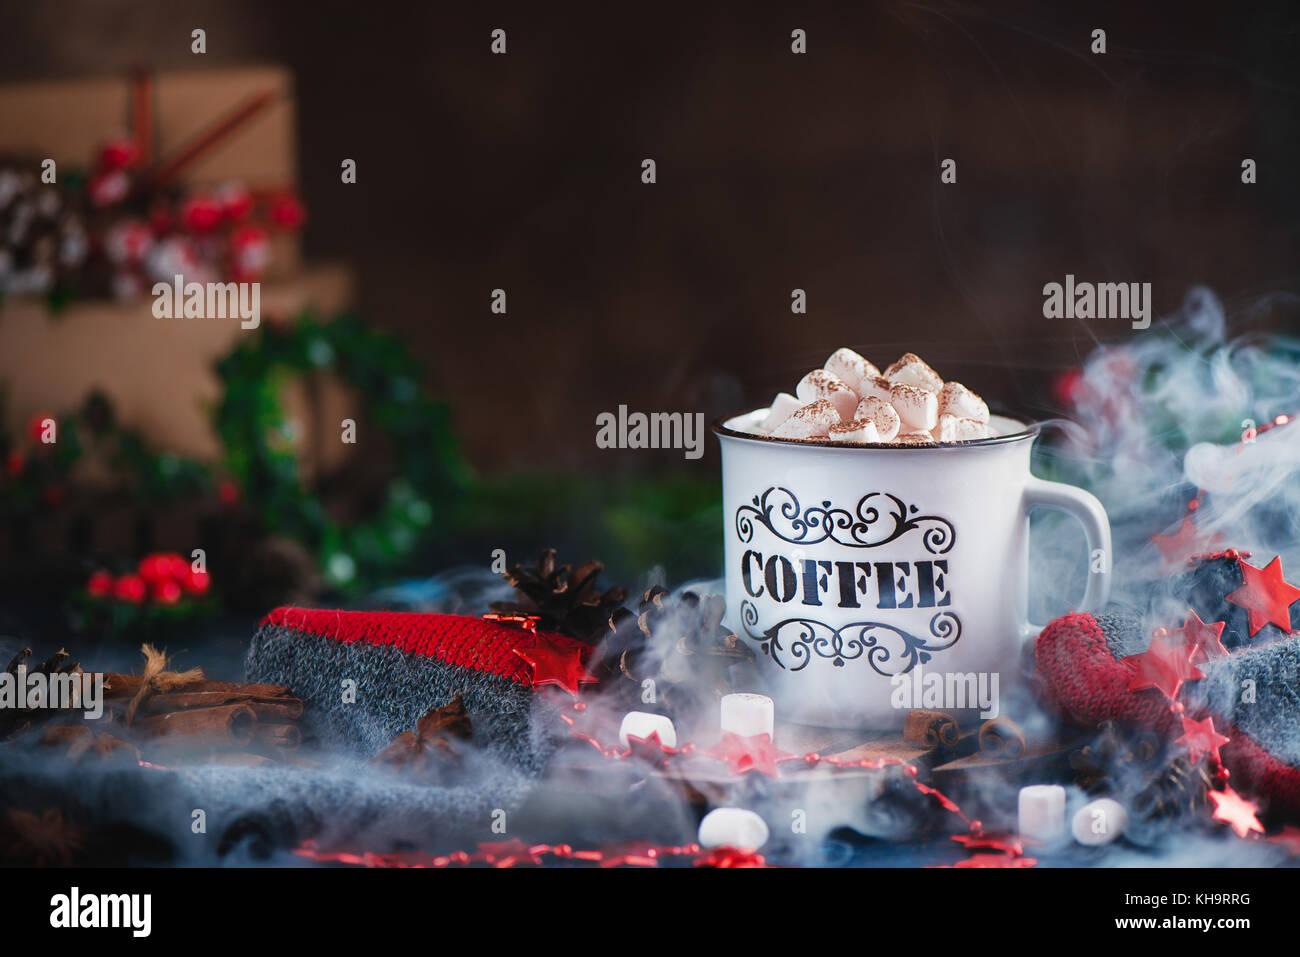 Heiße Schokolade mit Marshmallows in einem gemütlichen Emaille Tasse mit Dampf- und Weihnachtsdekorationen Stockbild